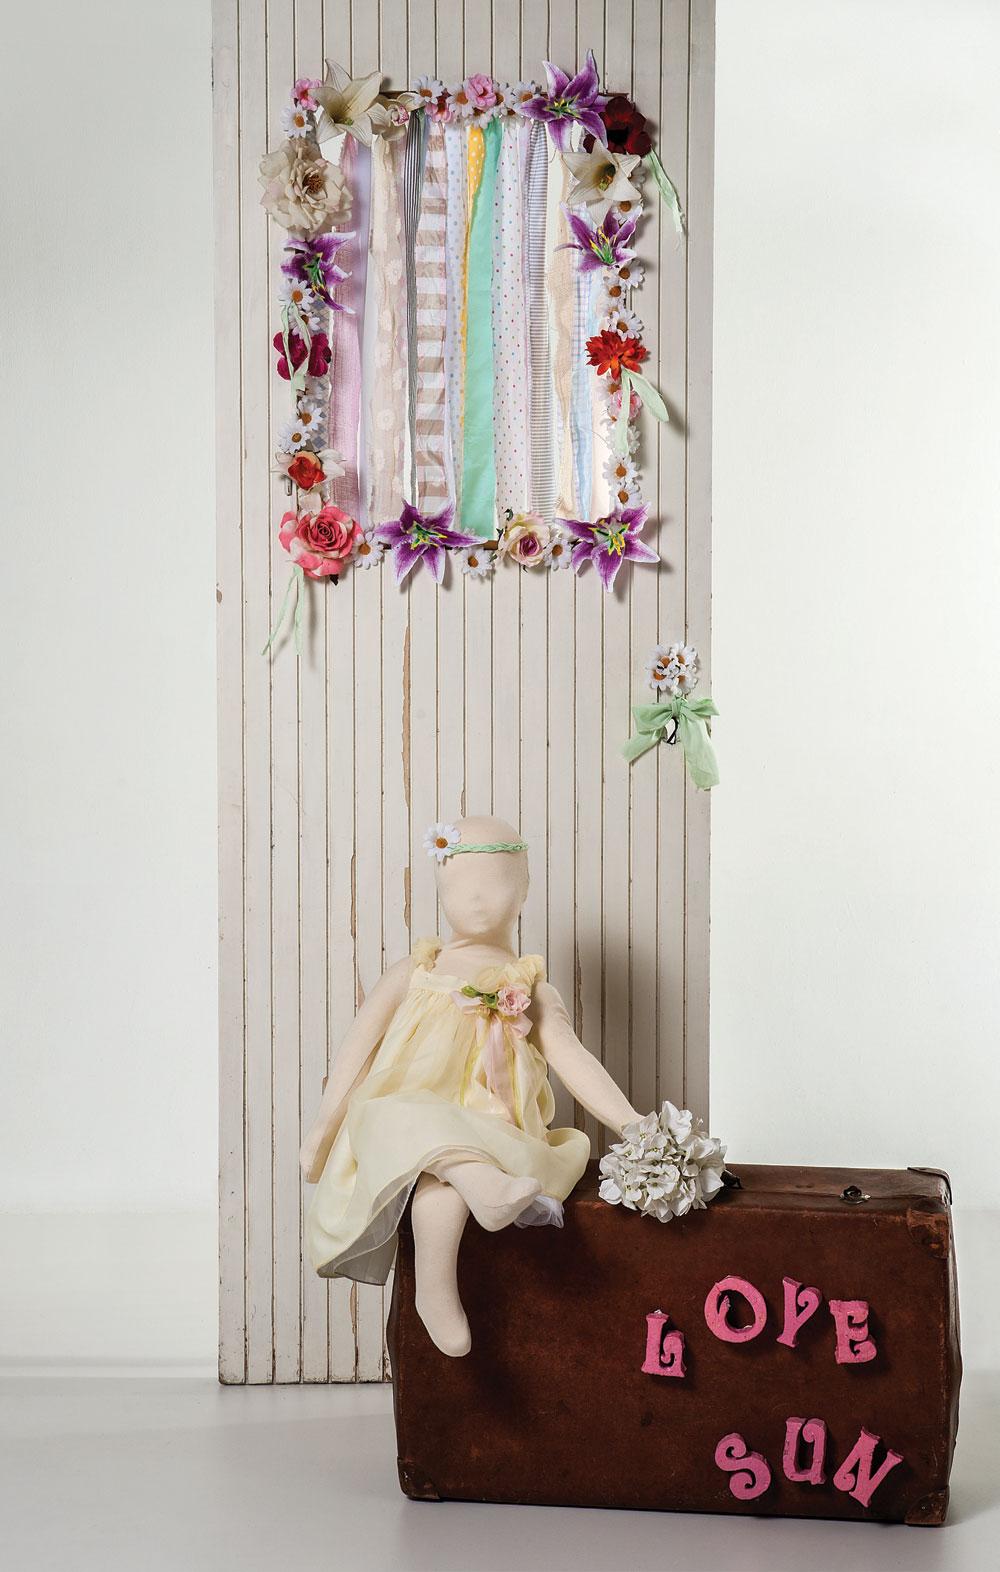 1415 - φορεματάκι από 100% βαμβακερό ύφασμα ντουμπλαρισμένο με κίτρινη οργαντίνα